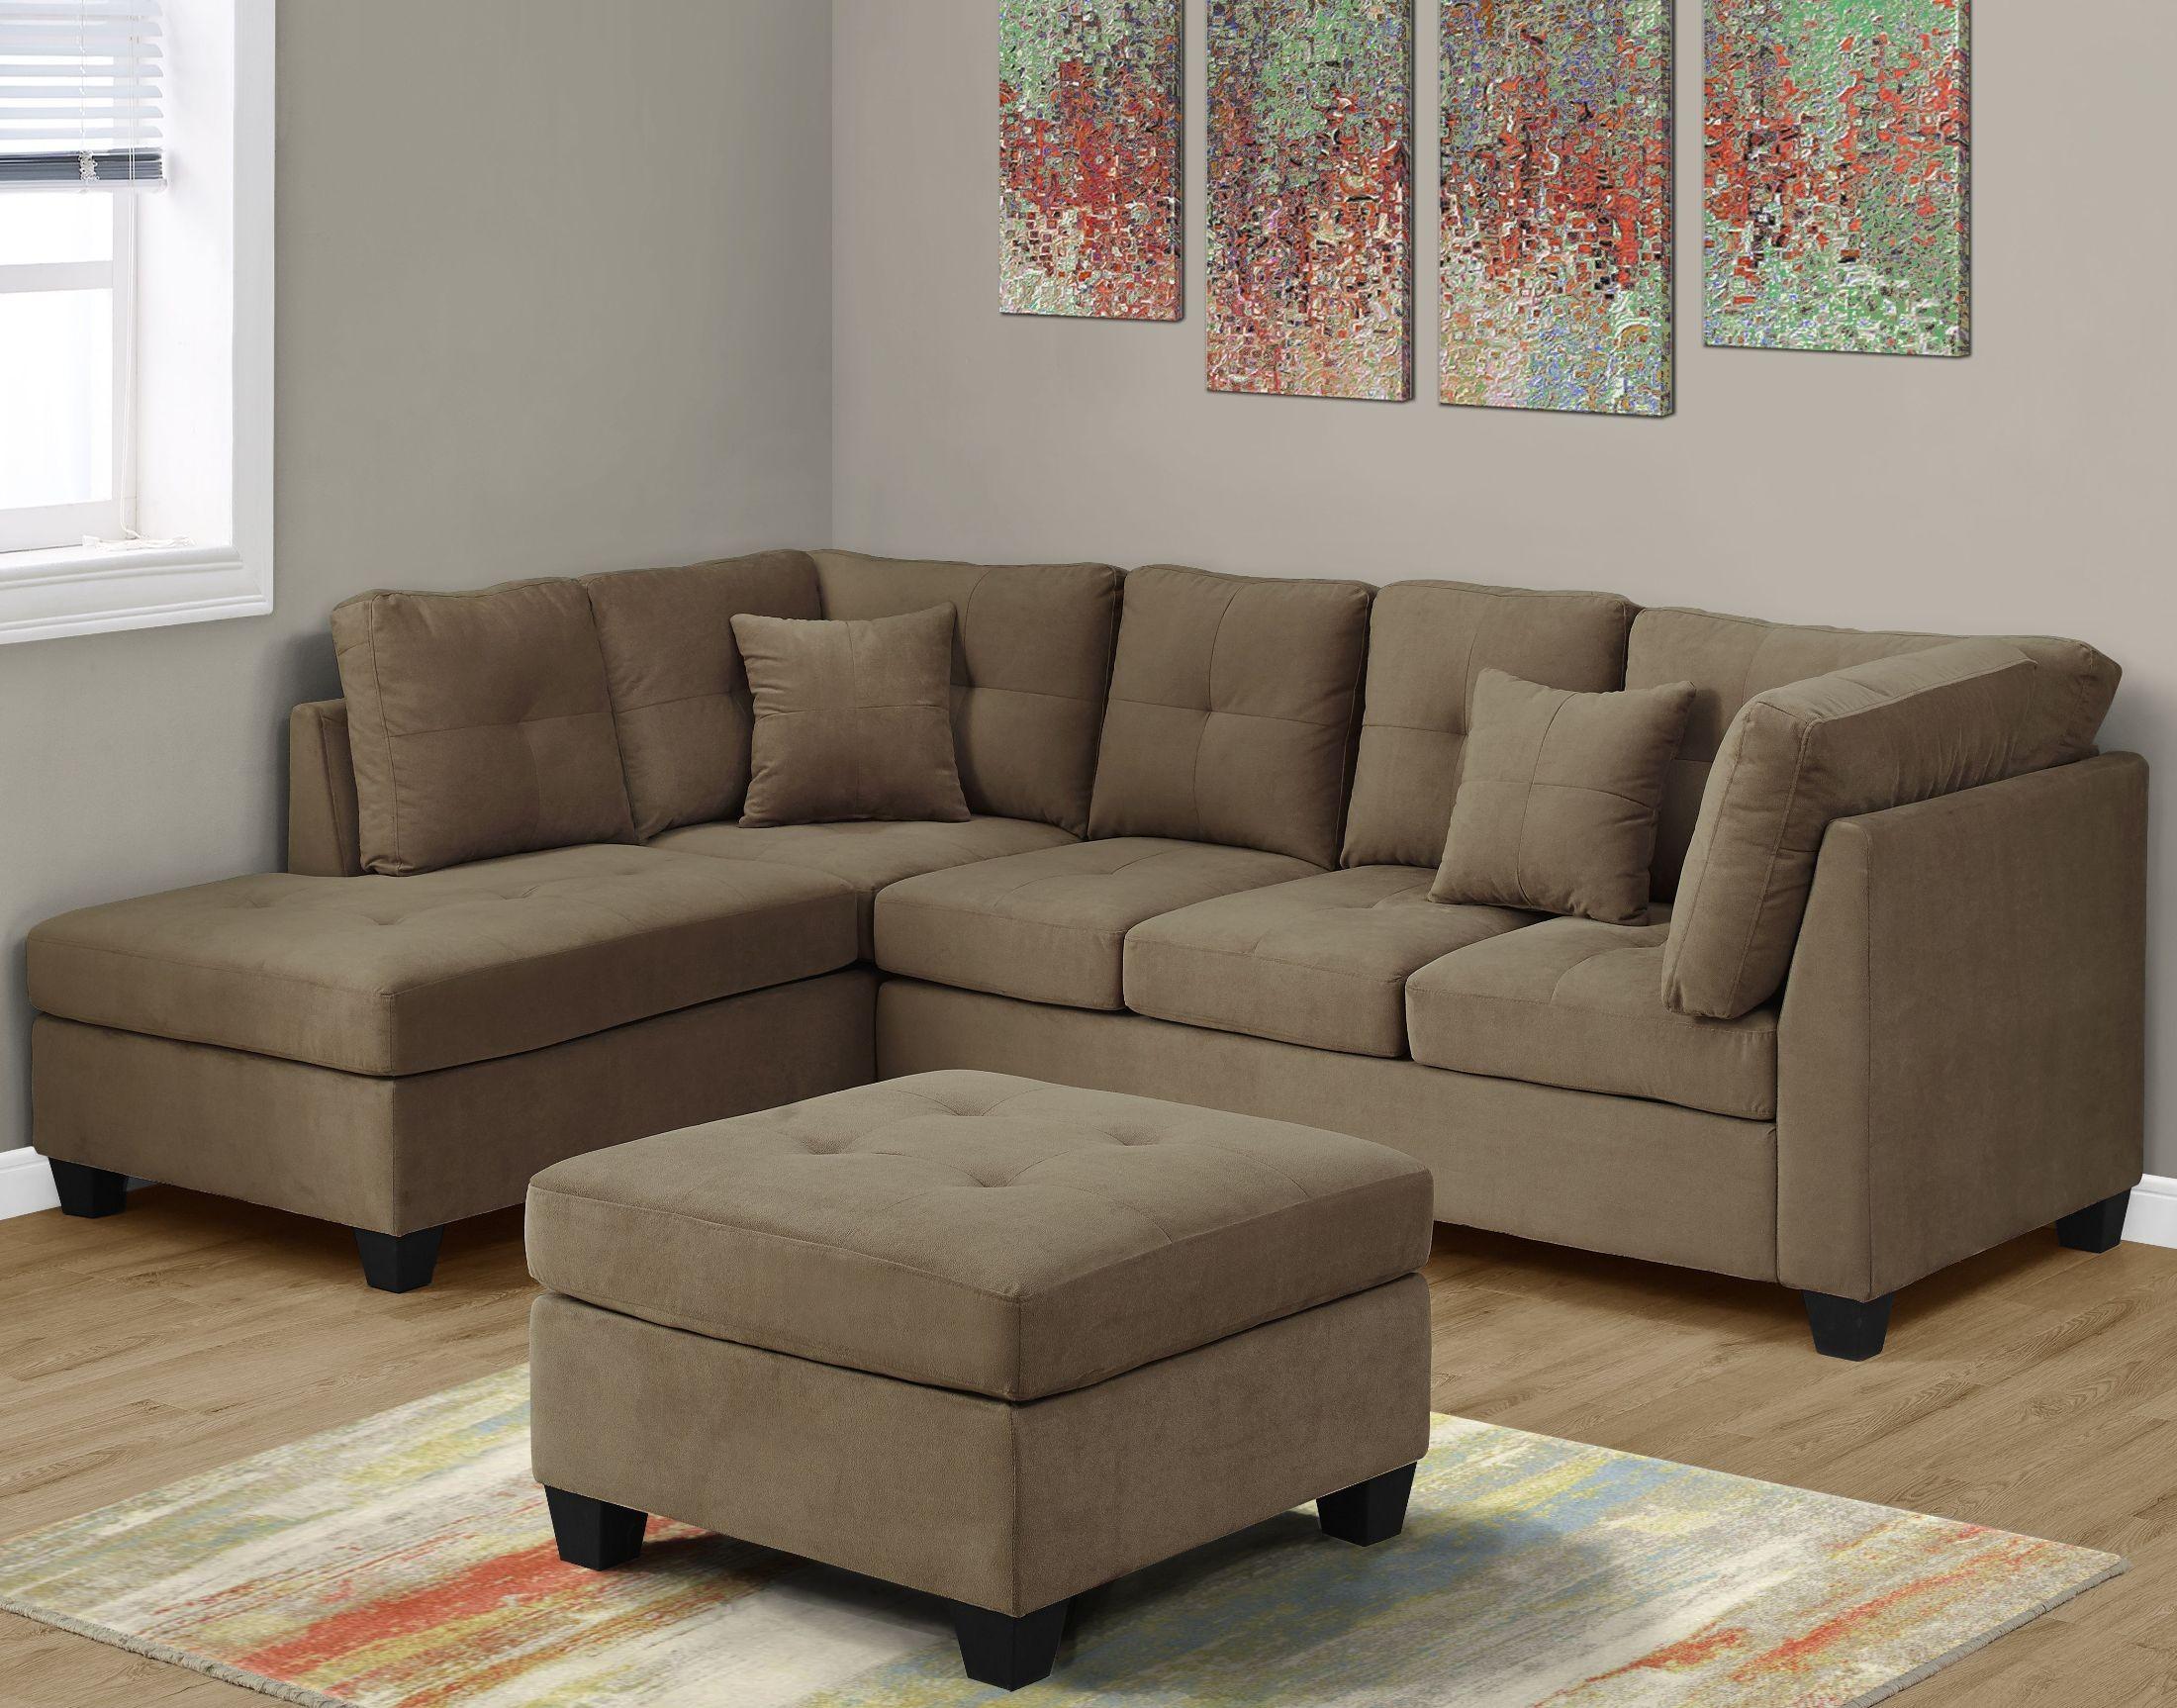 Ultra Soft Light Brown Velvet Sectional Sofa from Monarch